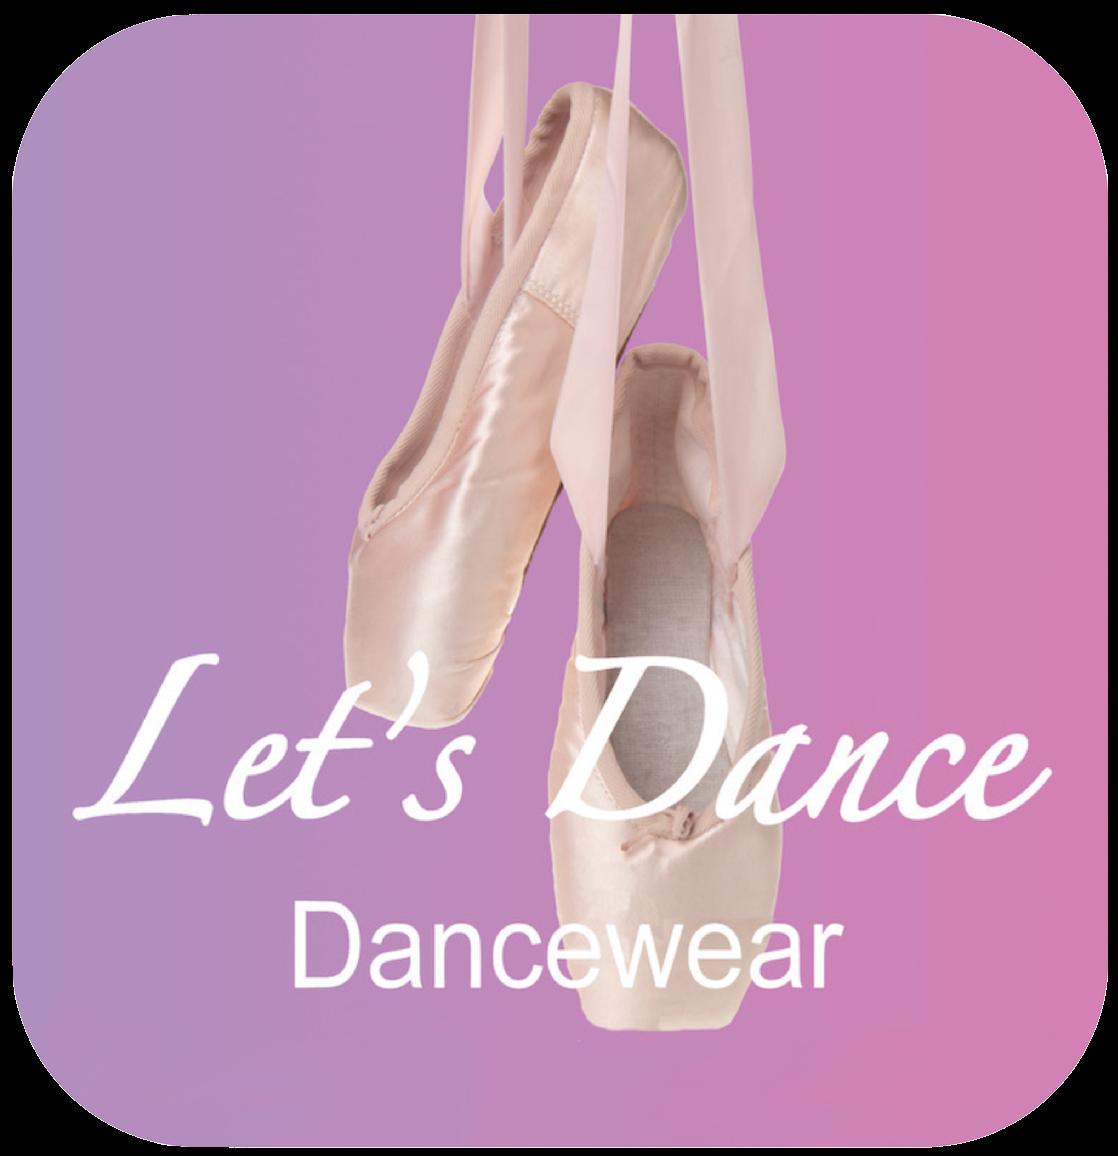 Let's Dance Dancewear